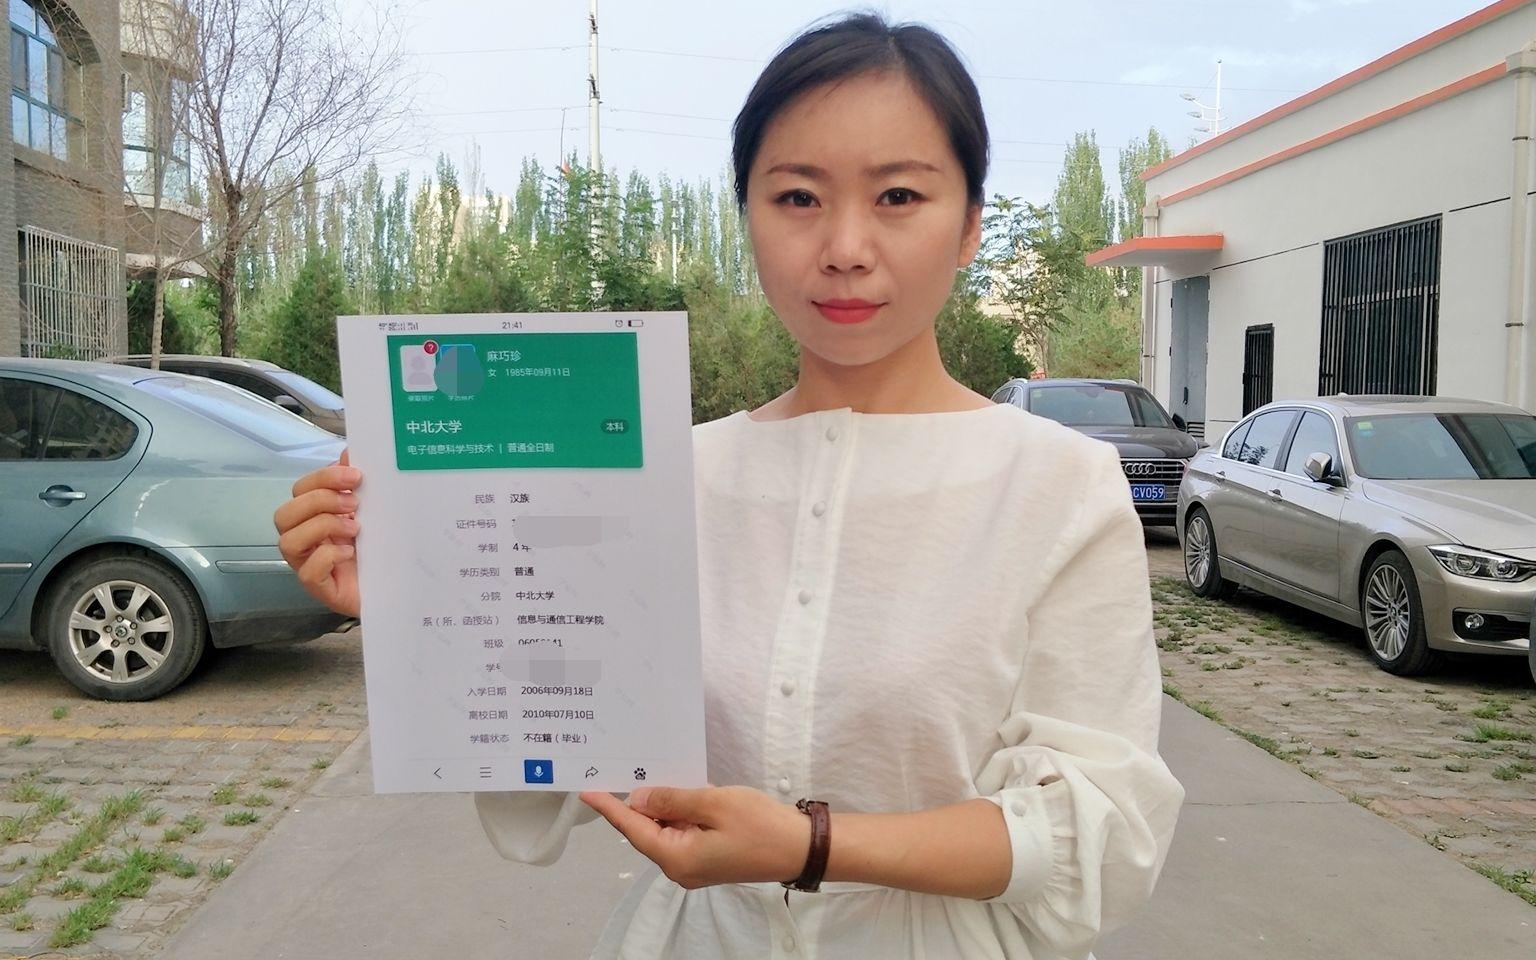 内蒙古女子户籍被冒用13年 警方:假户籍已被注销|内蒙古